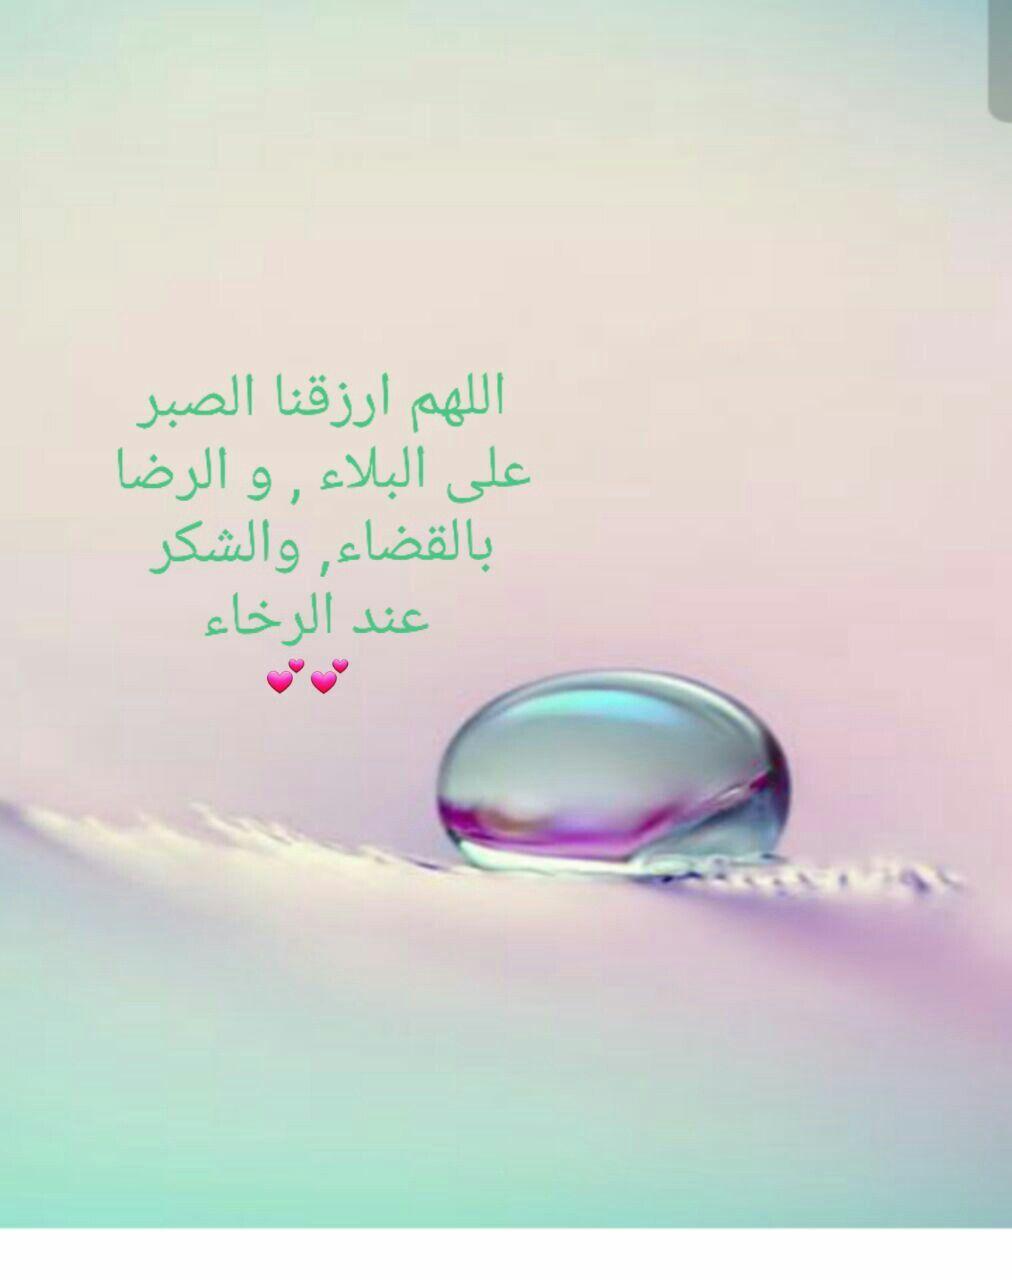 اللهم ارزقنا الصبر على البلاء Life Lessons Islamic Quotes Life